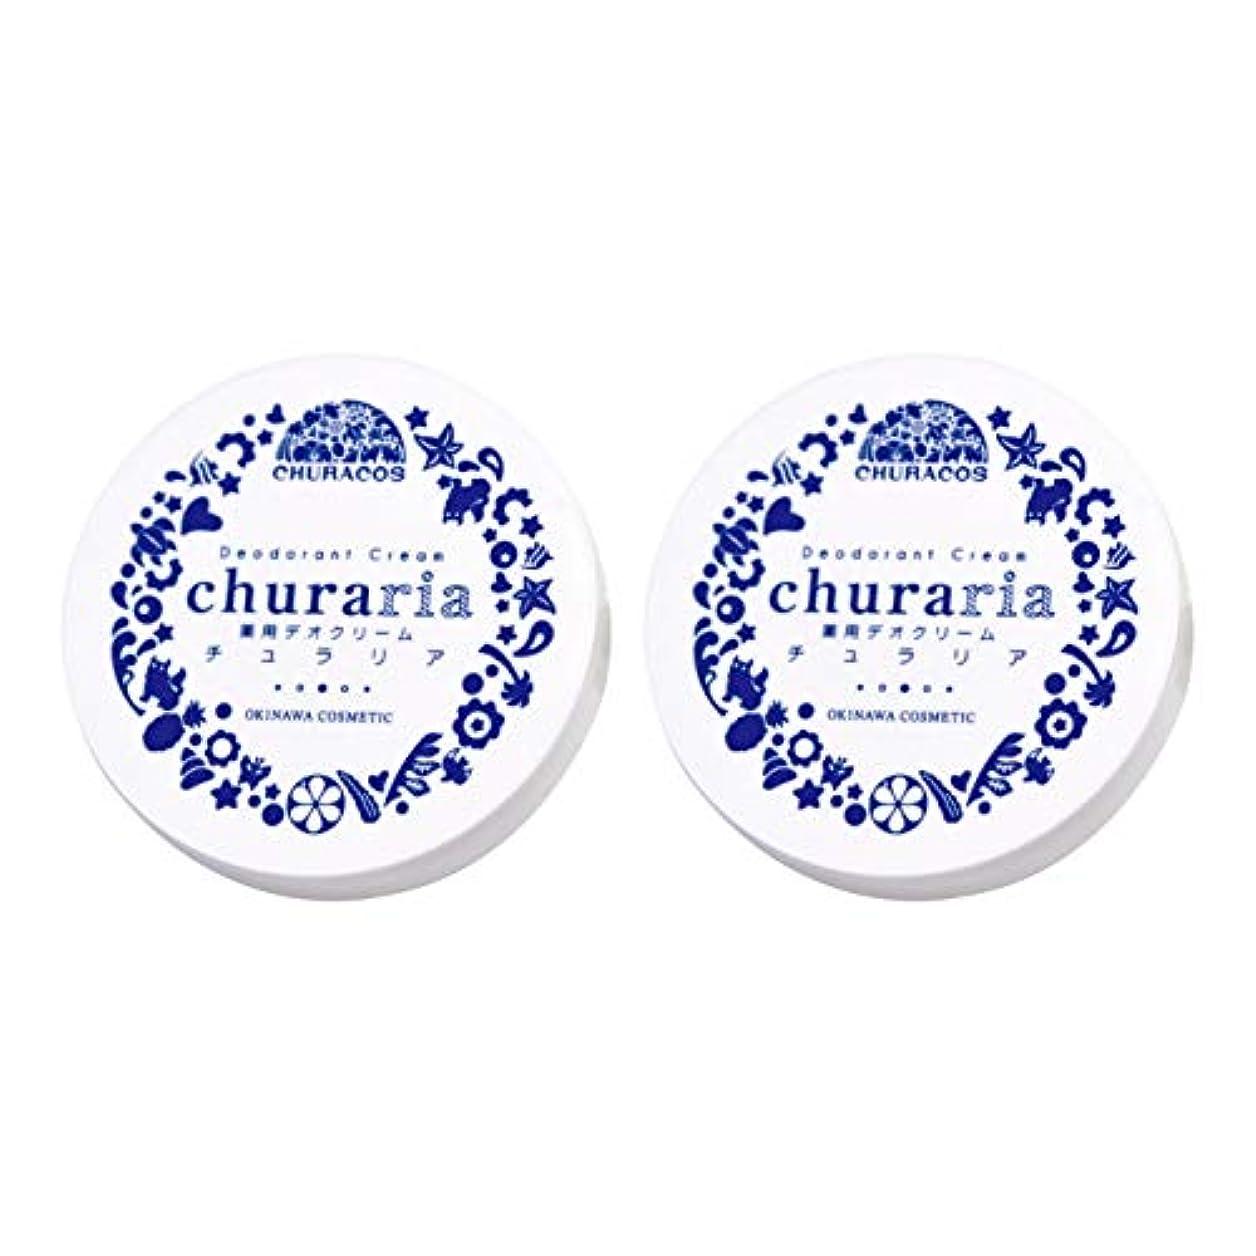 皿もの食べるチュラコス 薬用デオドラントクリーム チュラリア 27g 制汗剤 わきが デリケート (2個)